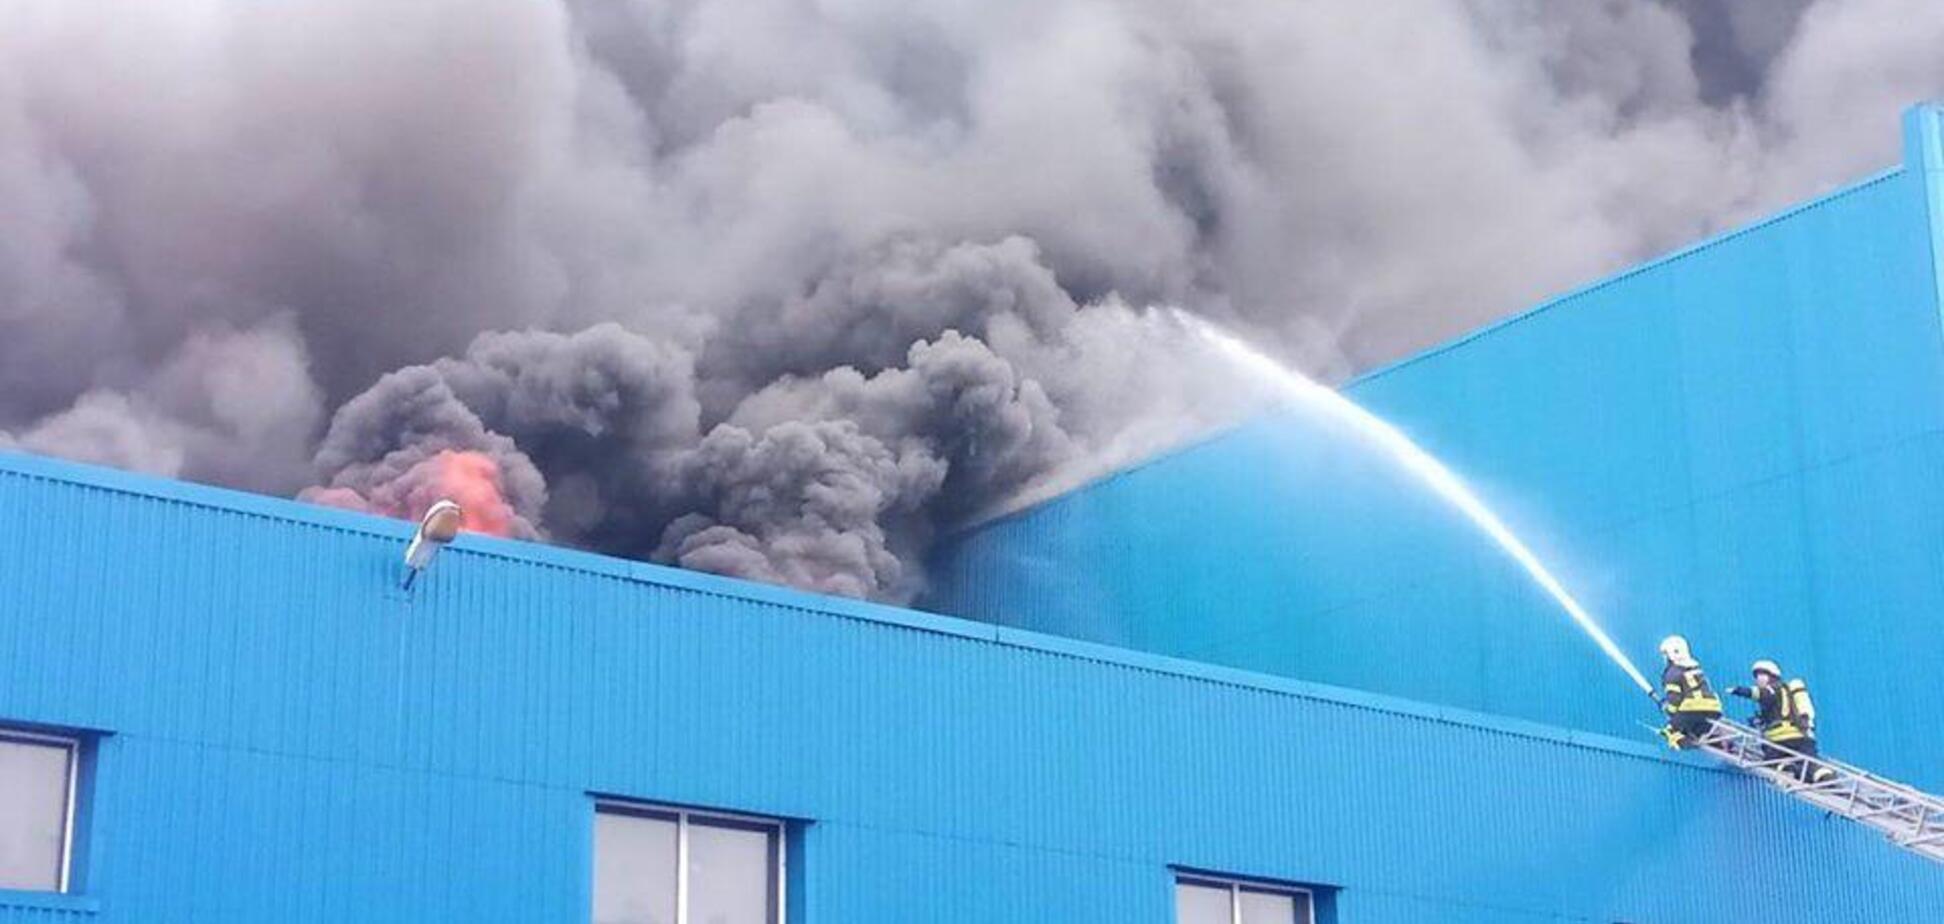 Небо чорне від диму: в Києві трапилася масштабна пожежа на складах. Фото і відео страшної НП